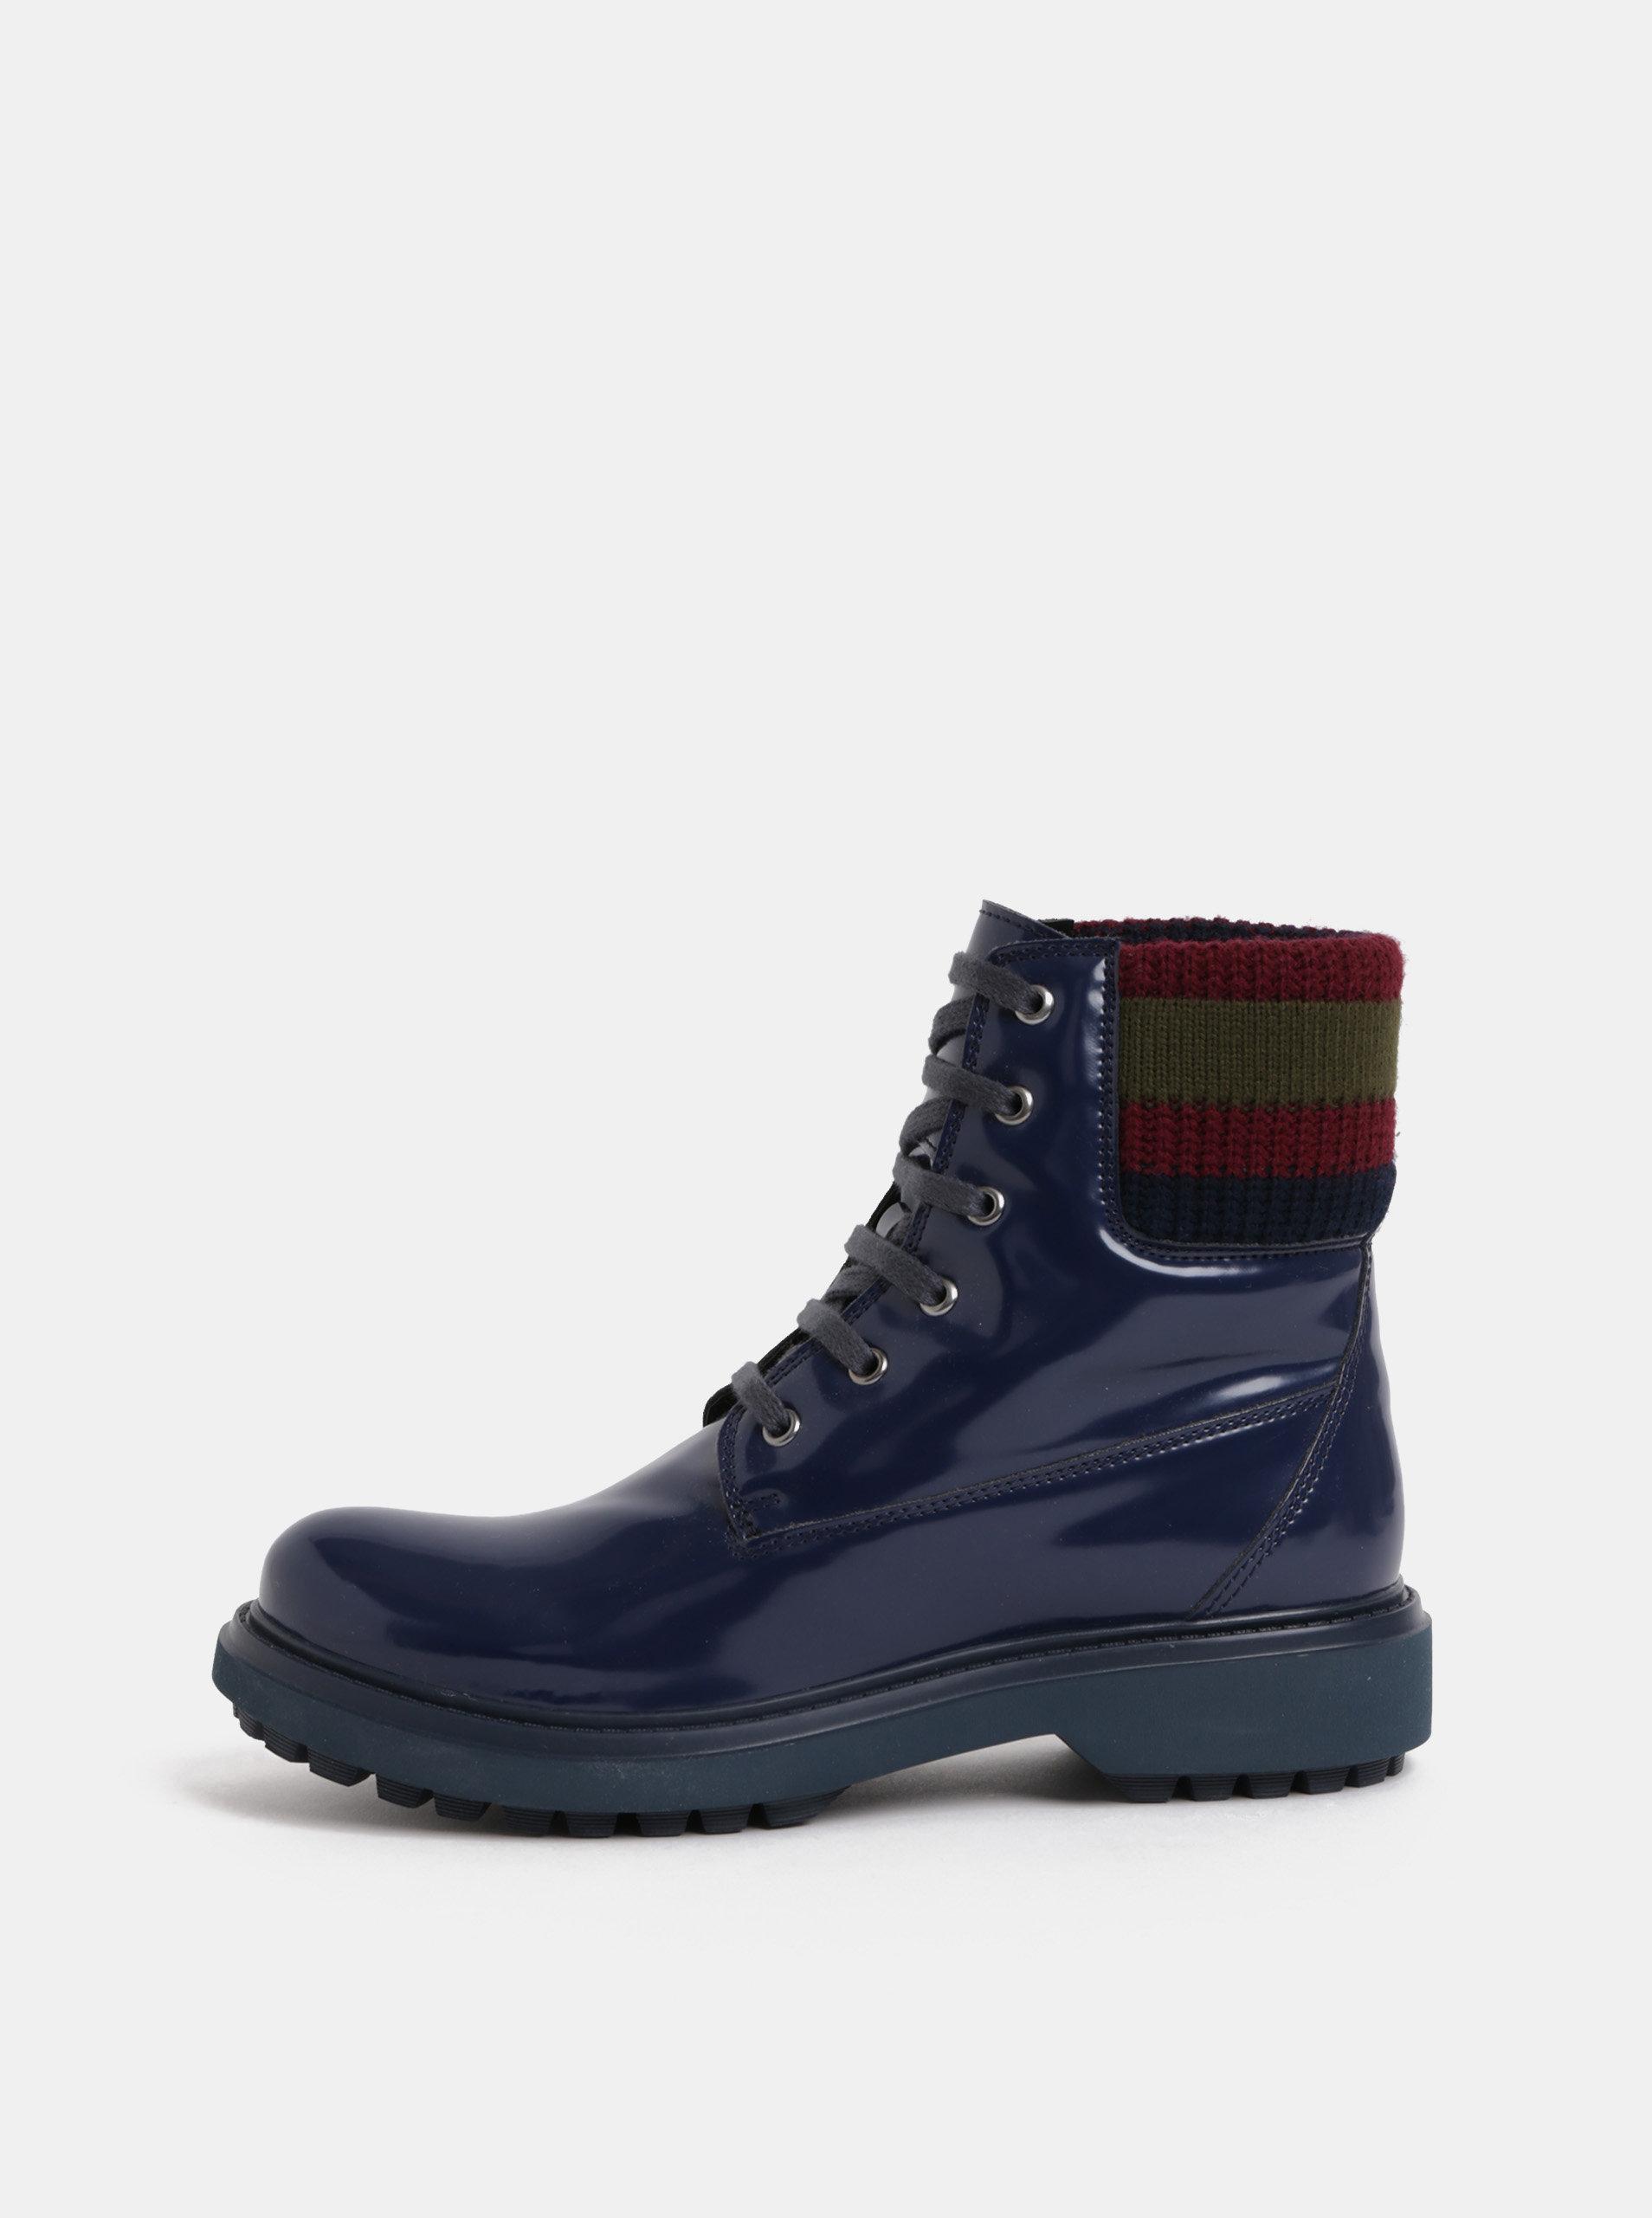 Tmavě modré dámské kotníkové boty s úpletovým lemem Geox Asheely ... aa4adbaa42